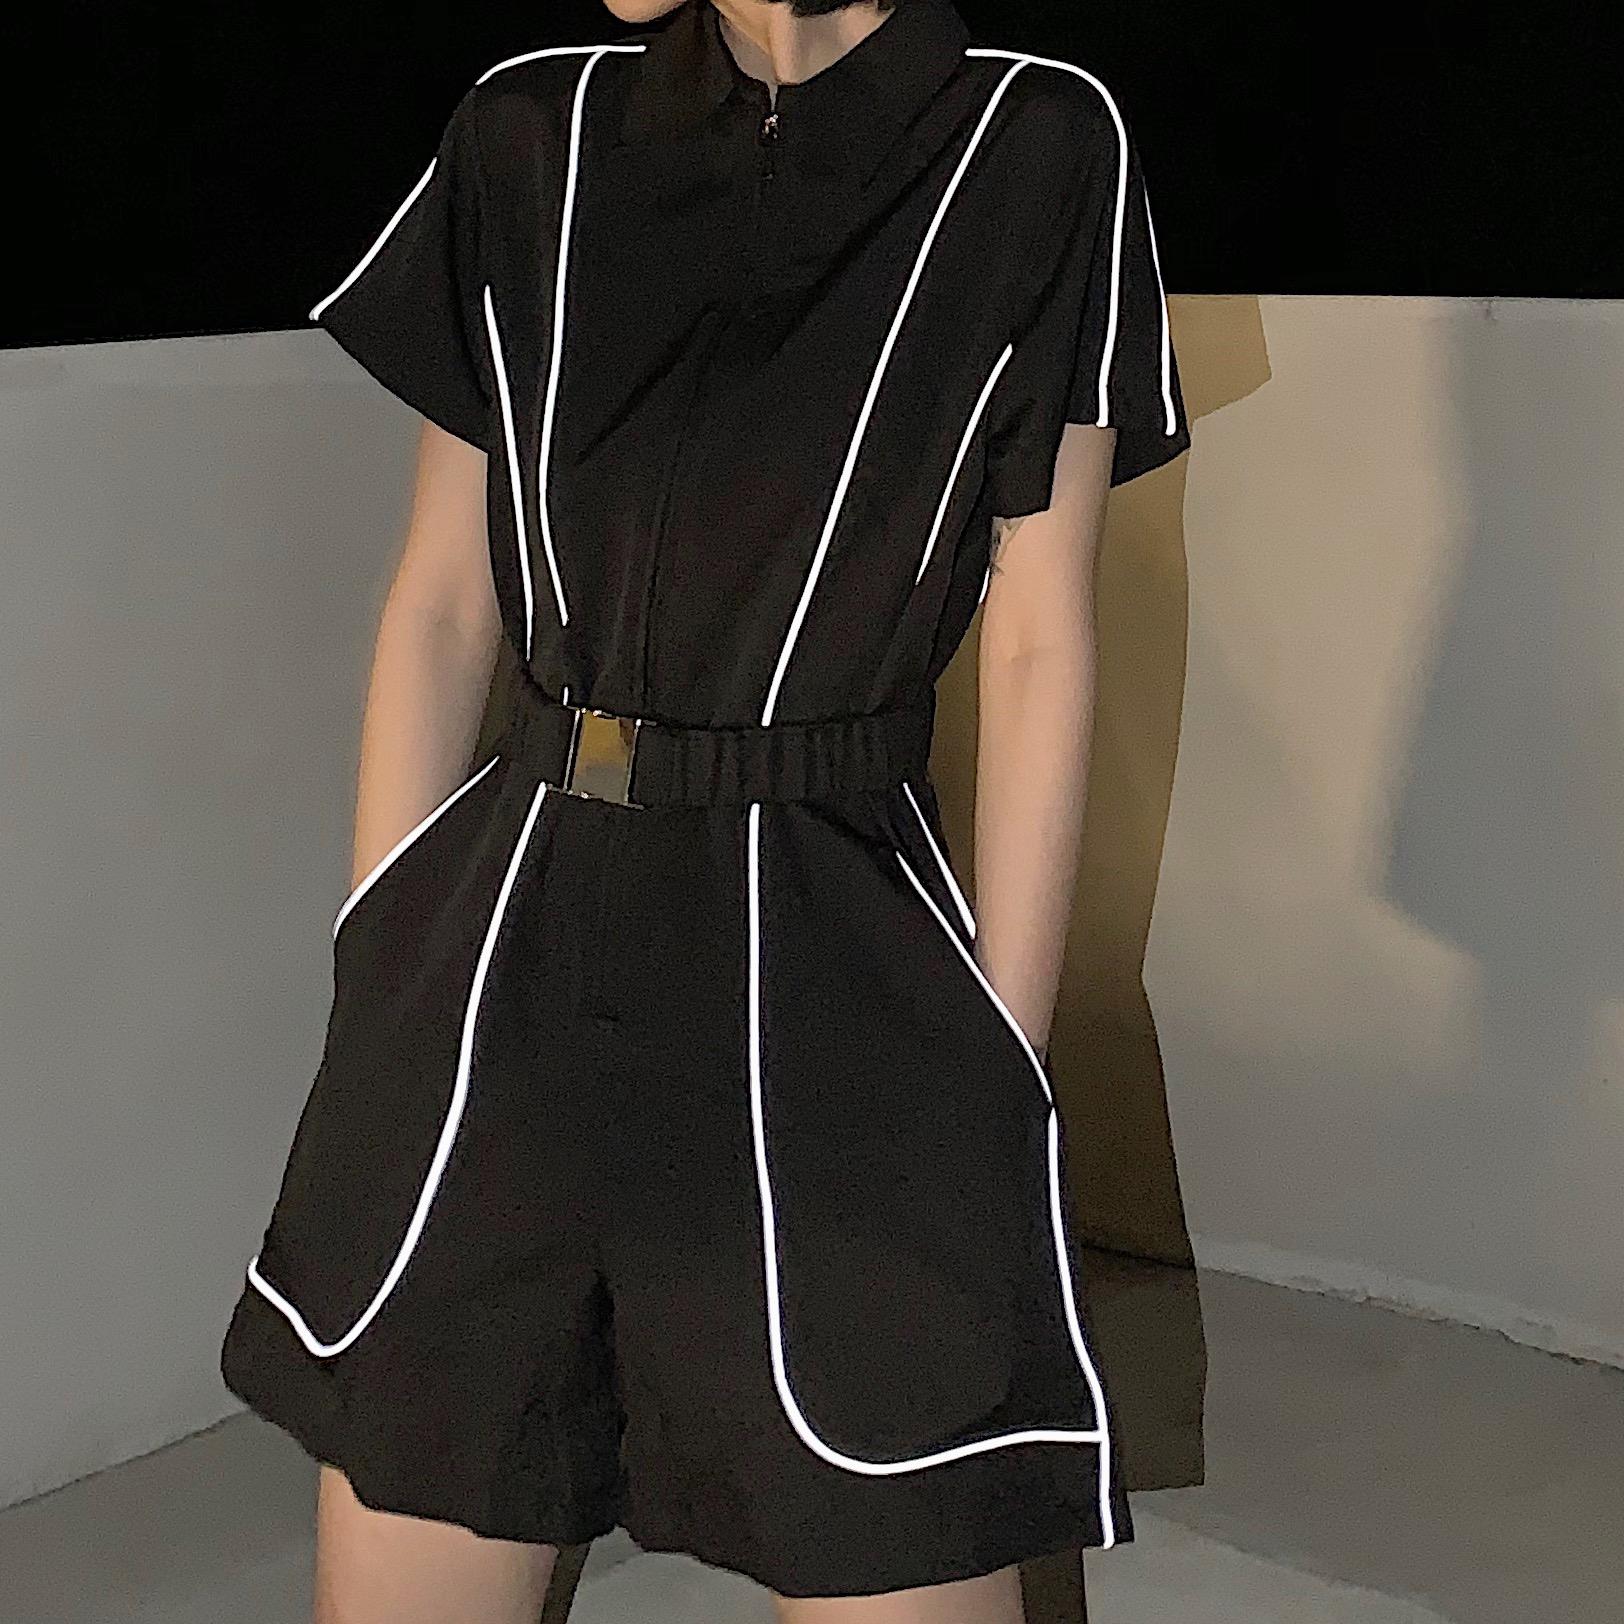 工装短袖连体裤夏季韩版复古暗黑系宽松显瘦反光连身短裤女学生潮